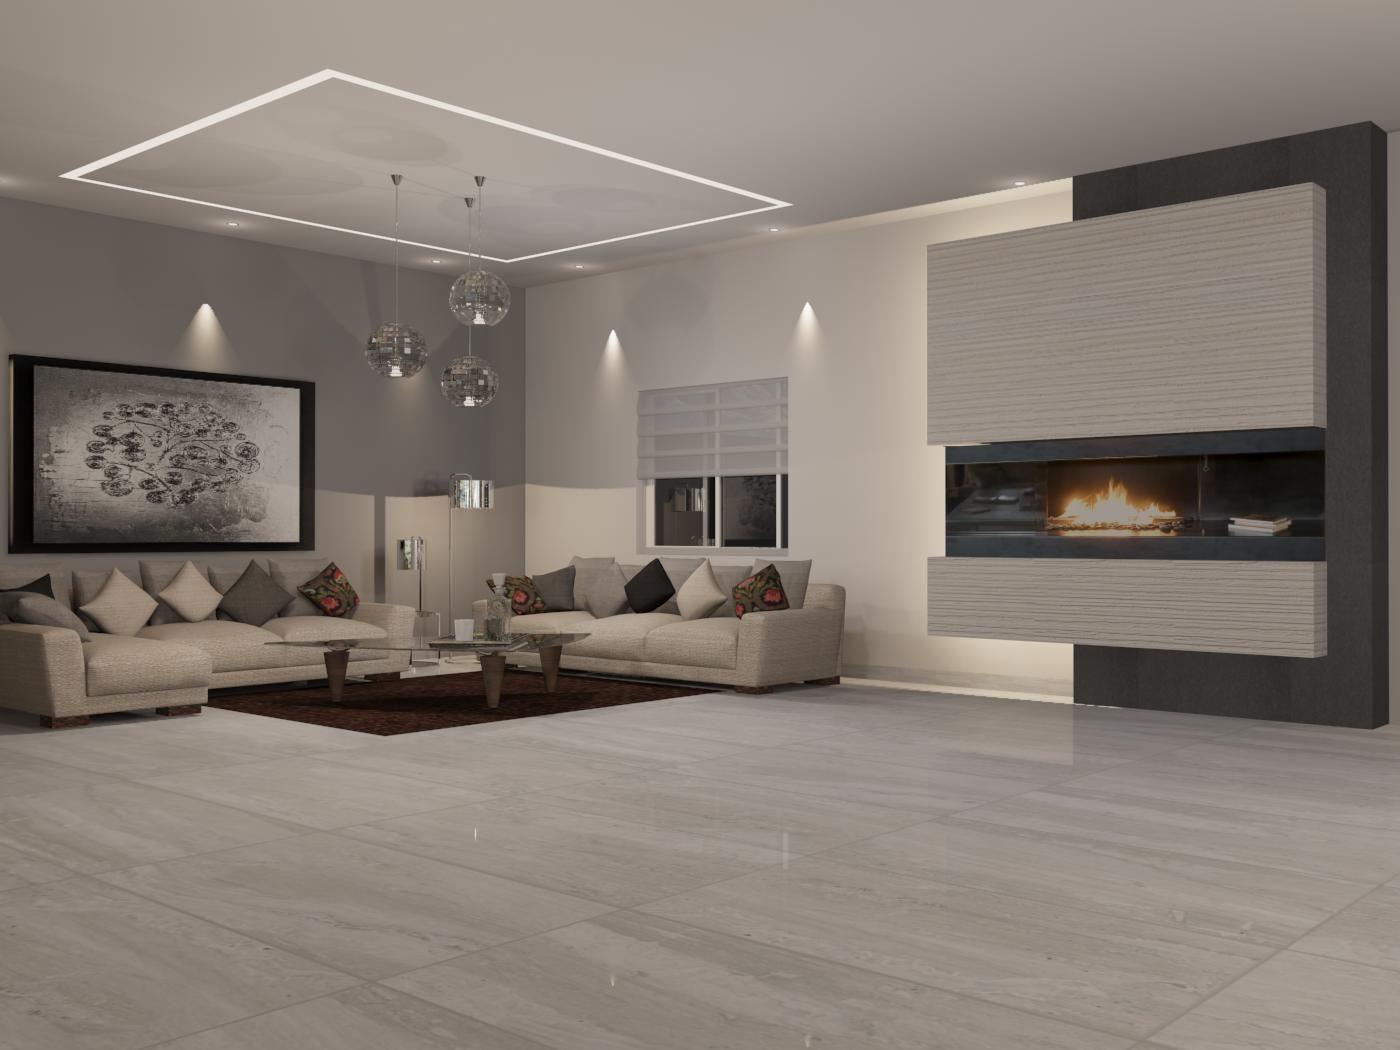 Sala de estilo contempor nteo materiales utilizados piso for Suelos laminados porcelanosa